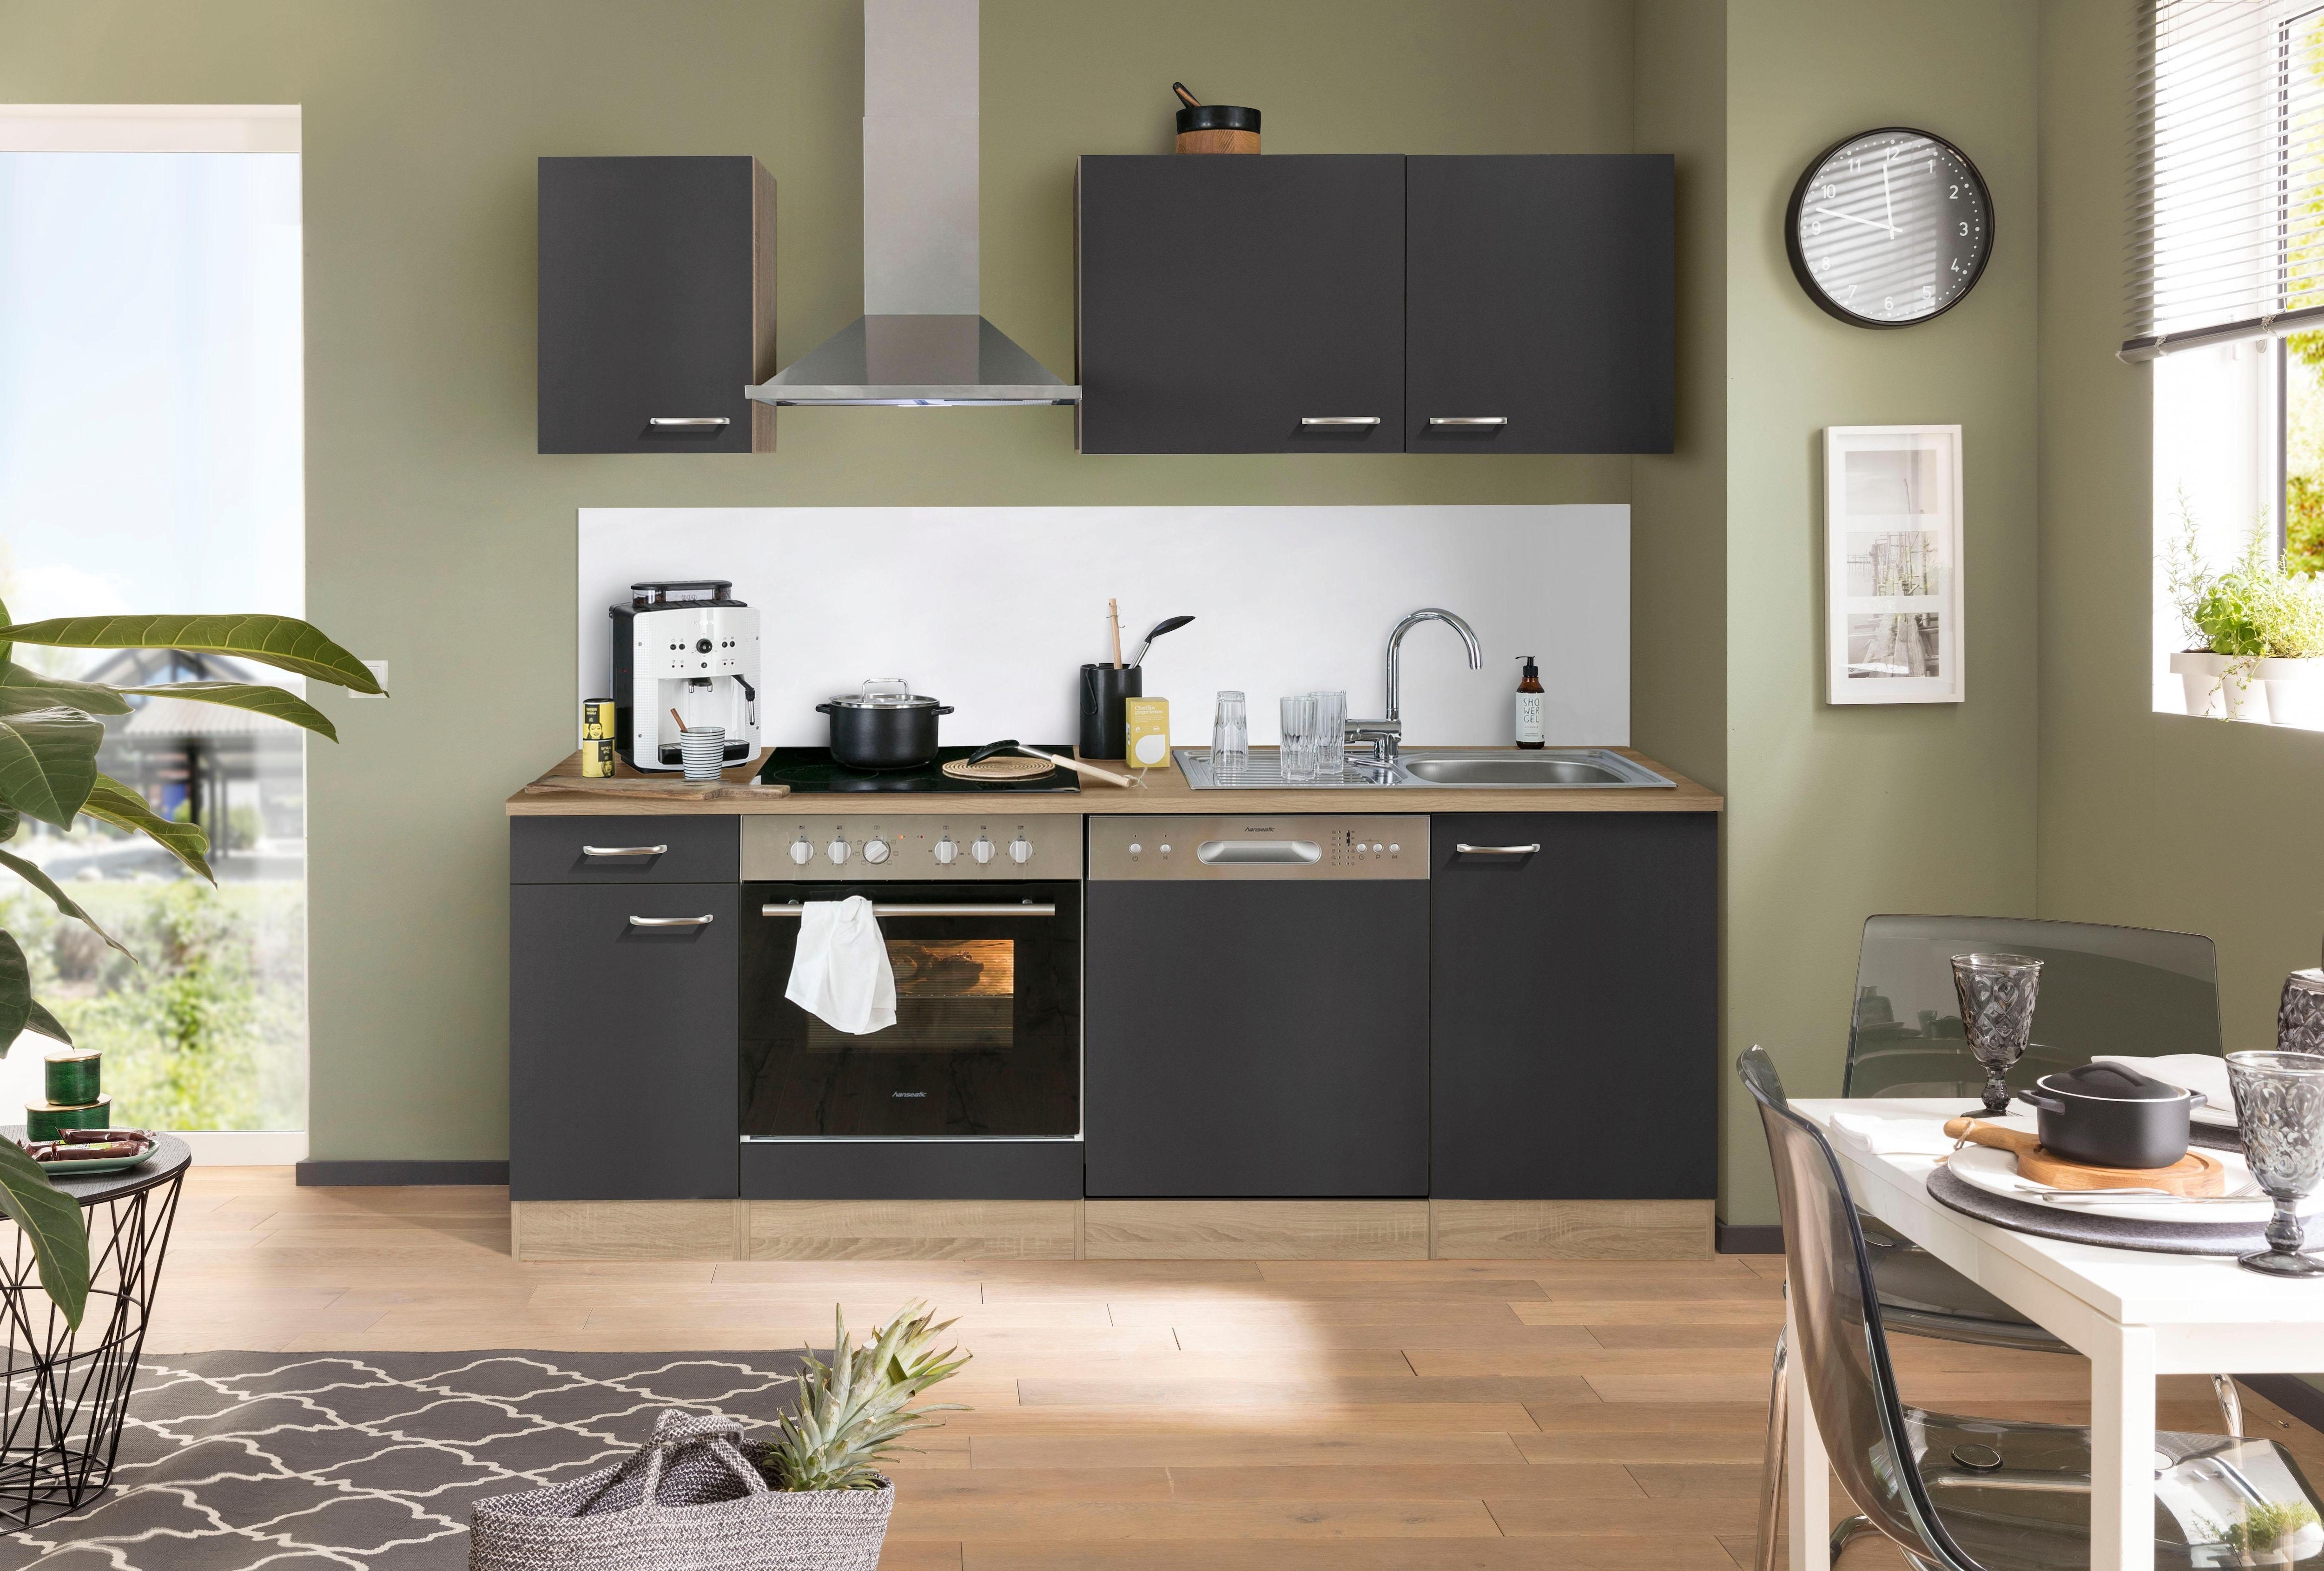 OPTIFIT Küchenzeile Parare, 210 bzw. 270 cm mit Hanseatic E-Geräten, wahlweise mit oder ohne Kühlschrank | Küche und Esszimmer > Küchen > Küchenzeilen | Optifit